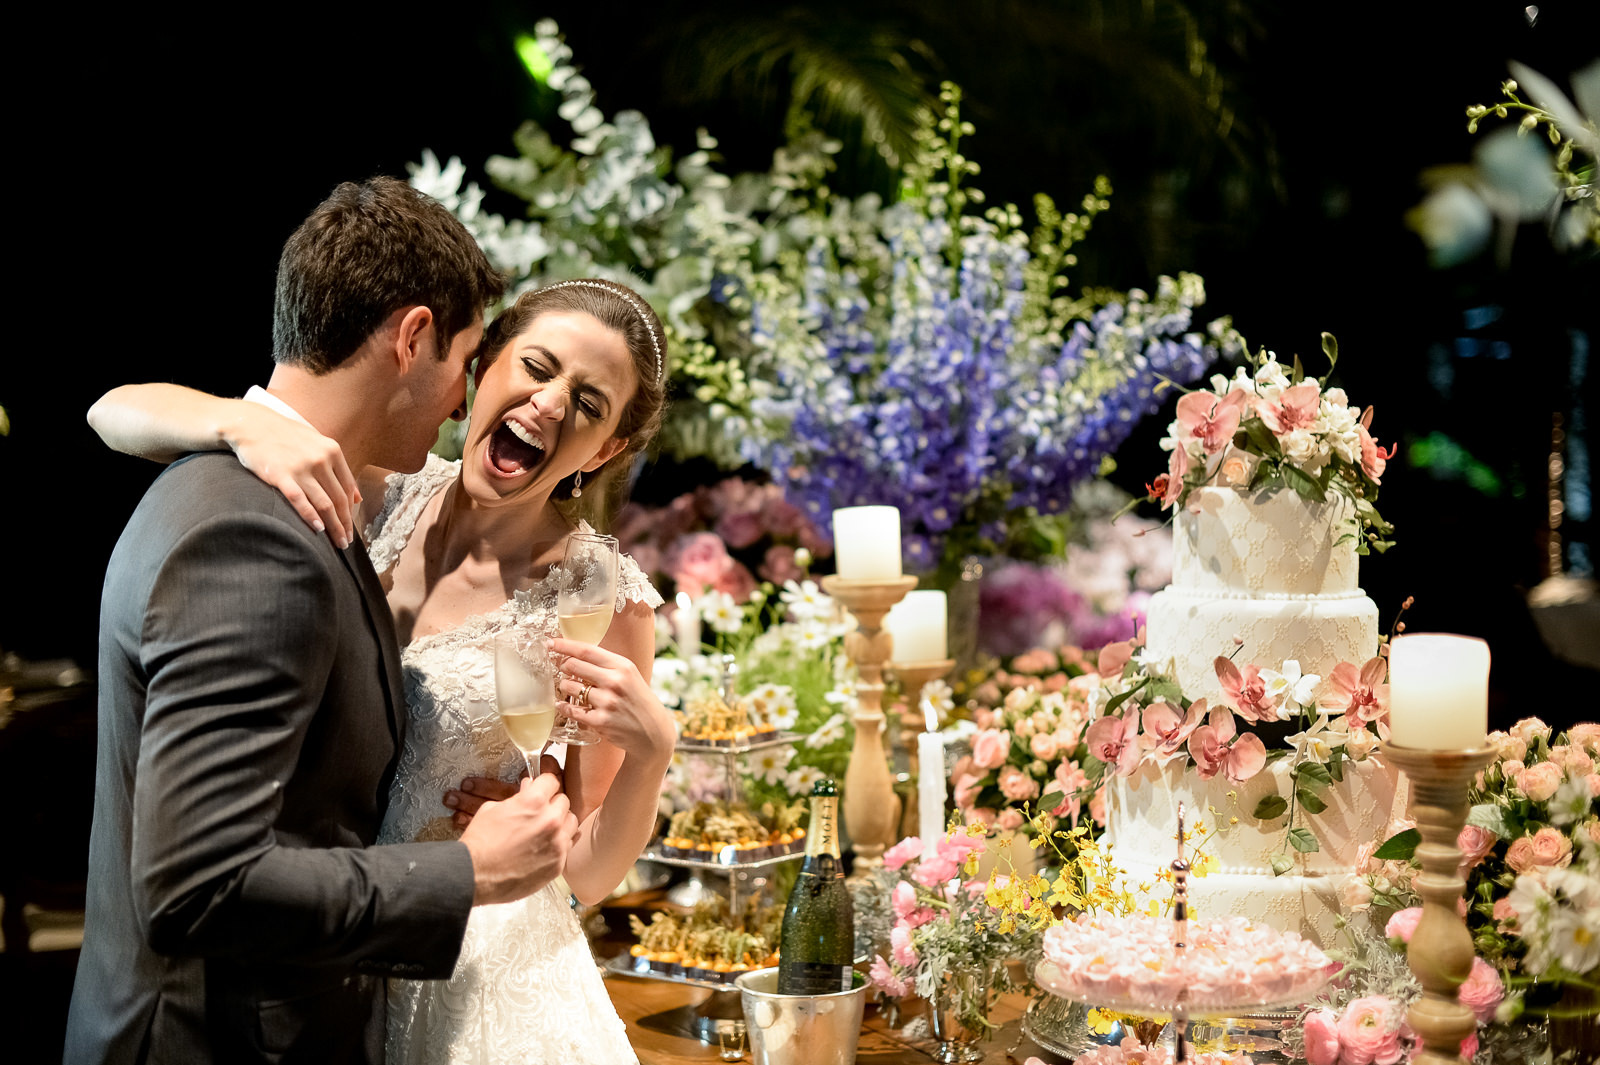 7 ideias para surpreender a noiva no dia do casamento